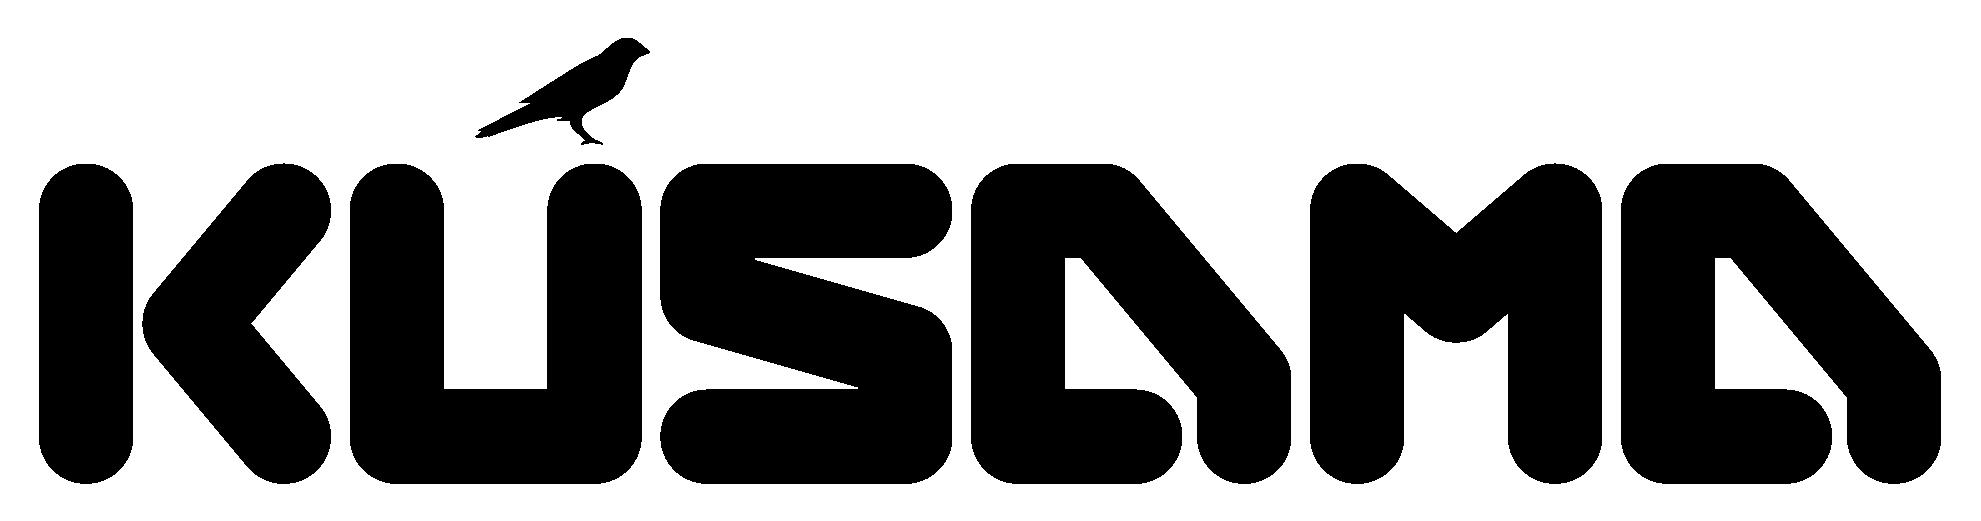 kusma logo